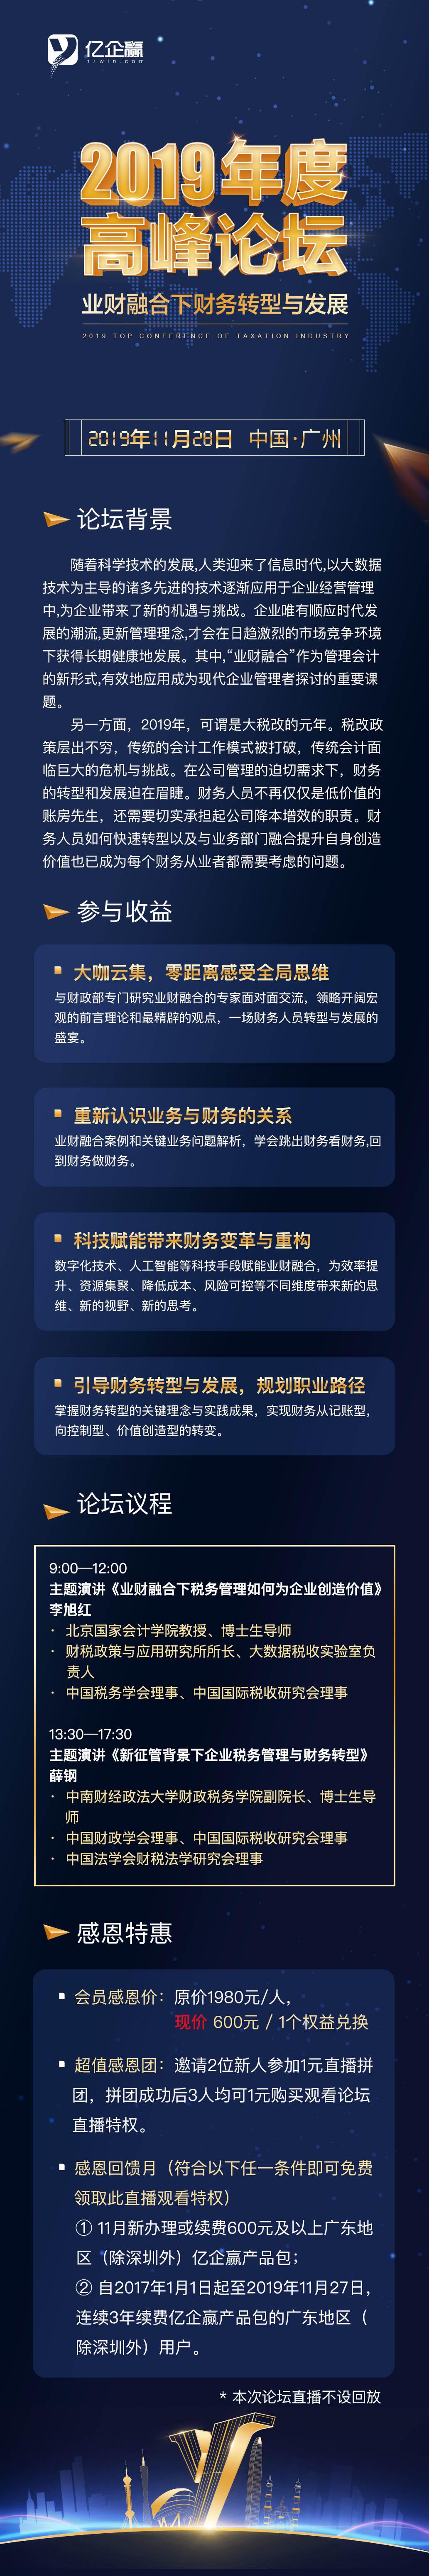 广州站线上报名长图.jpg